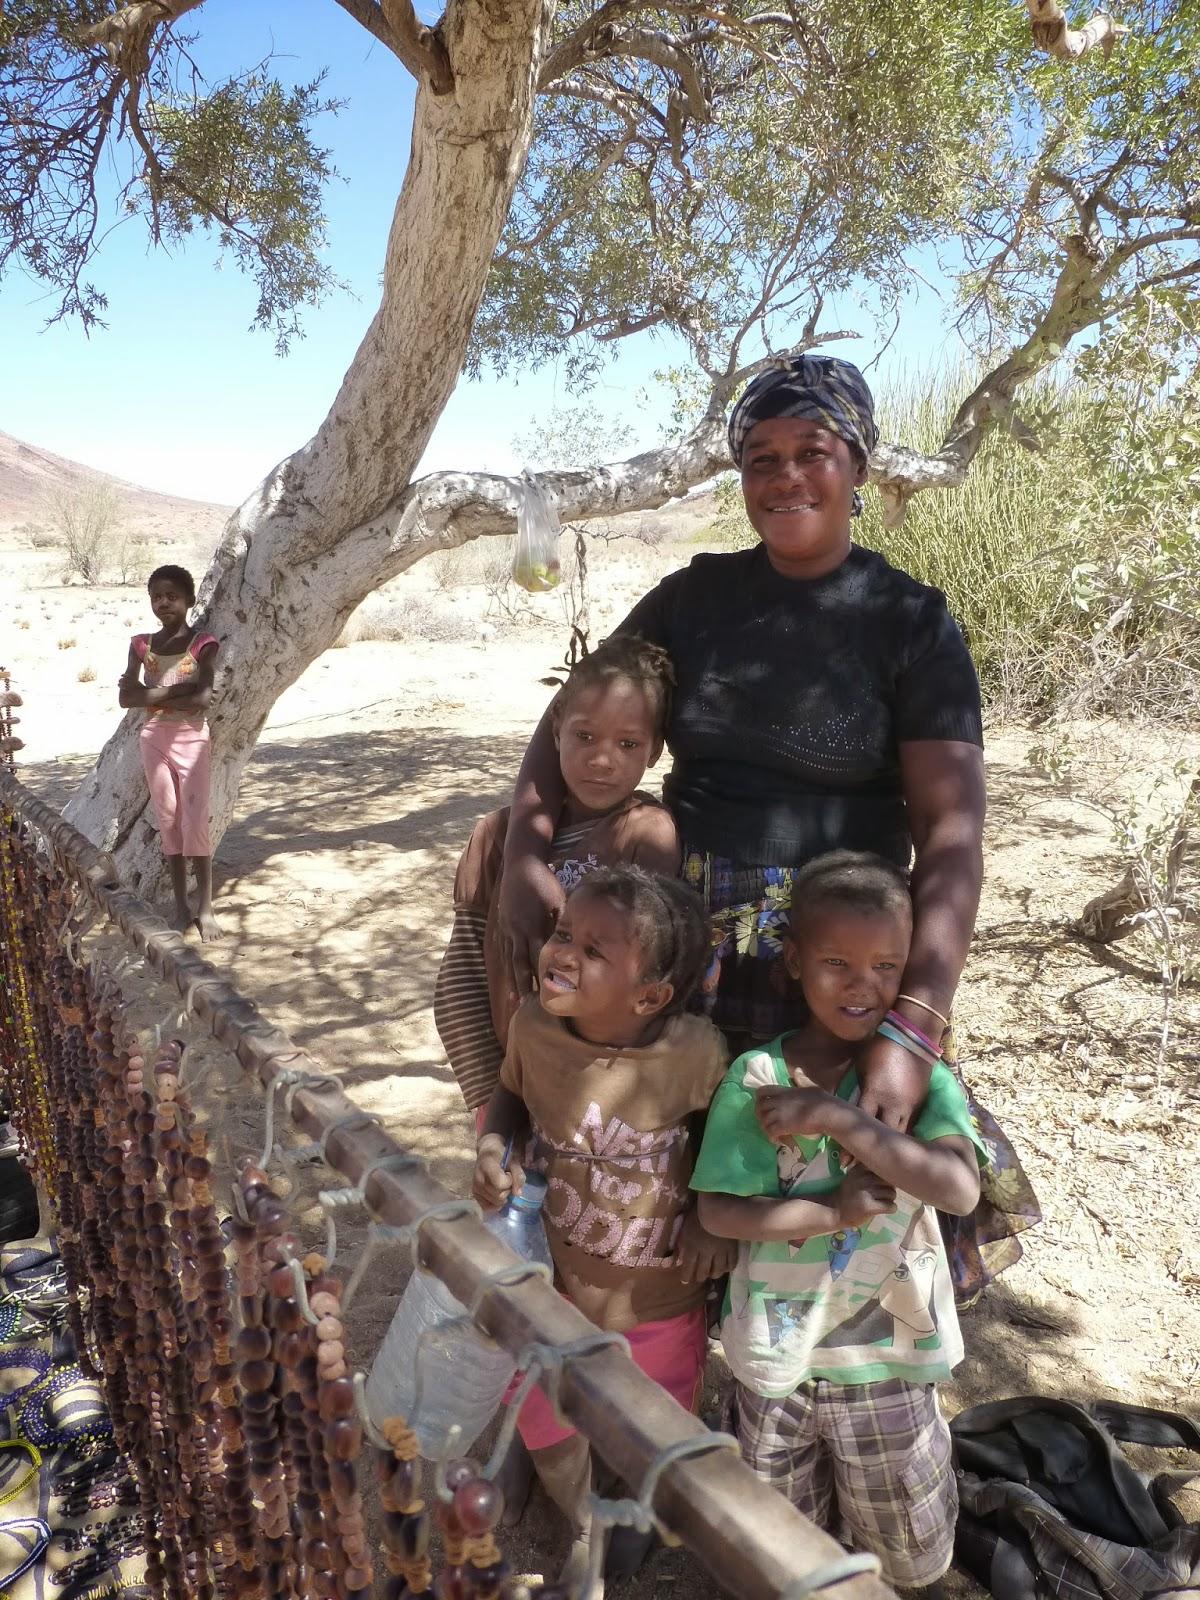 Travel-Texte - Reiten und Reisen: Gruppen-Rundreise in Namibia ...